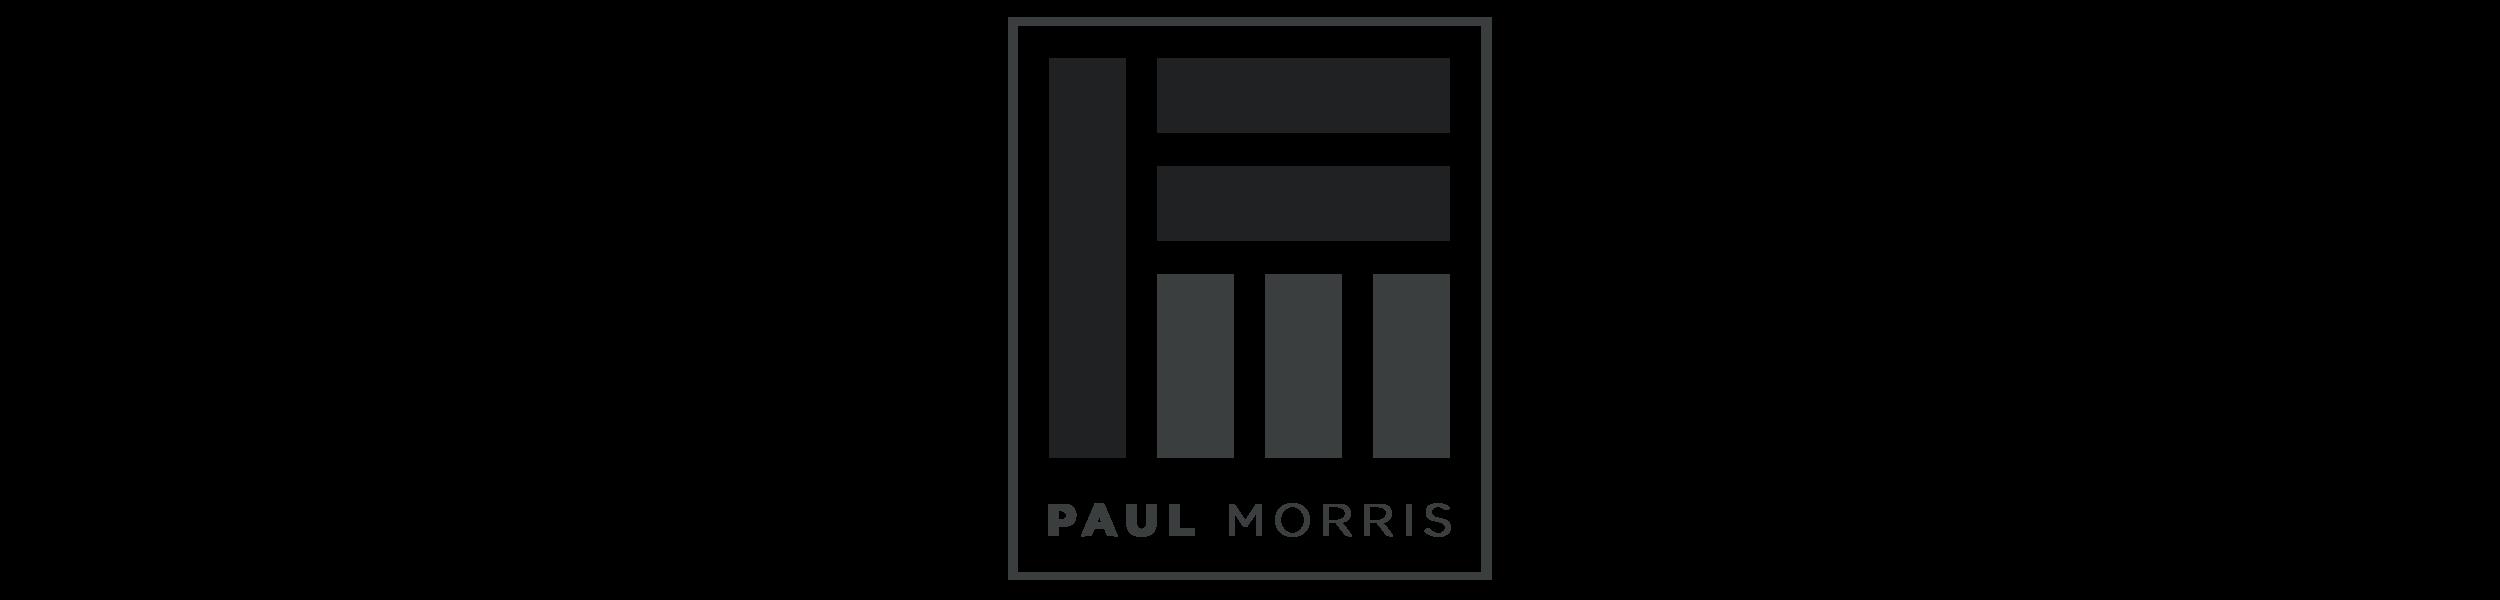 paulmorris_logo-01.png